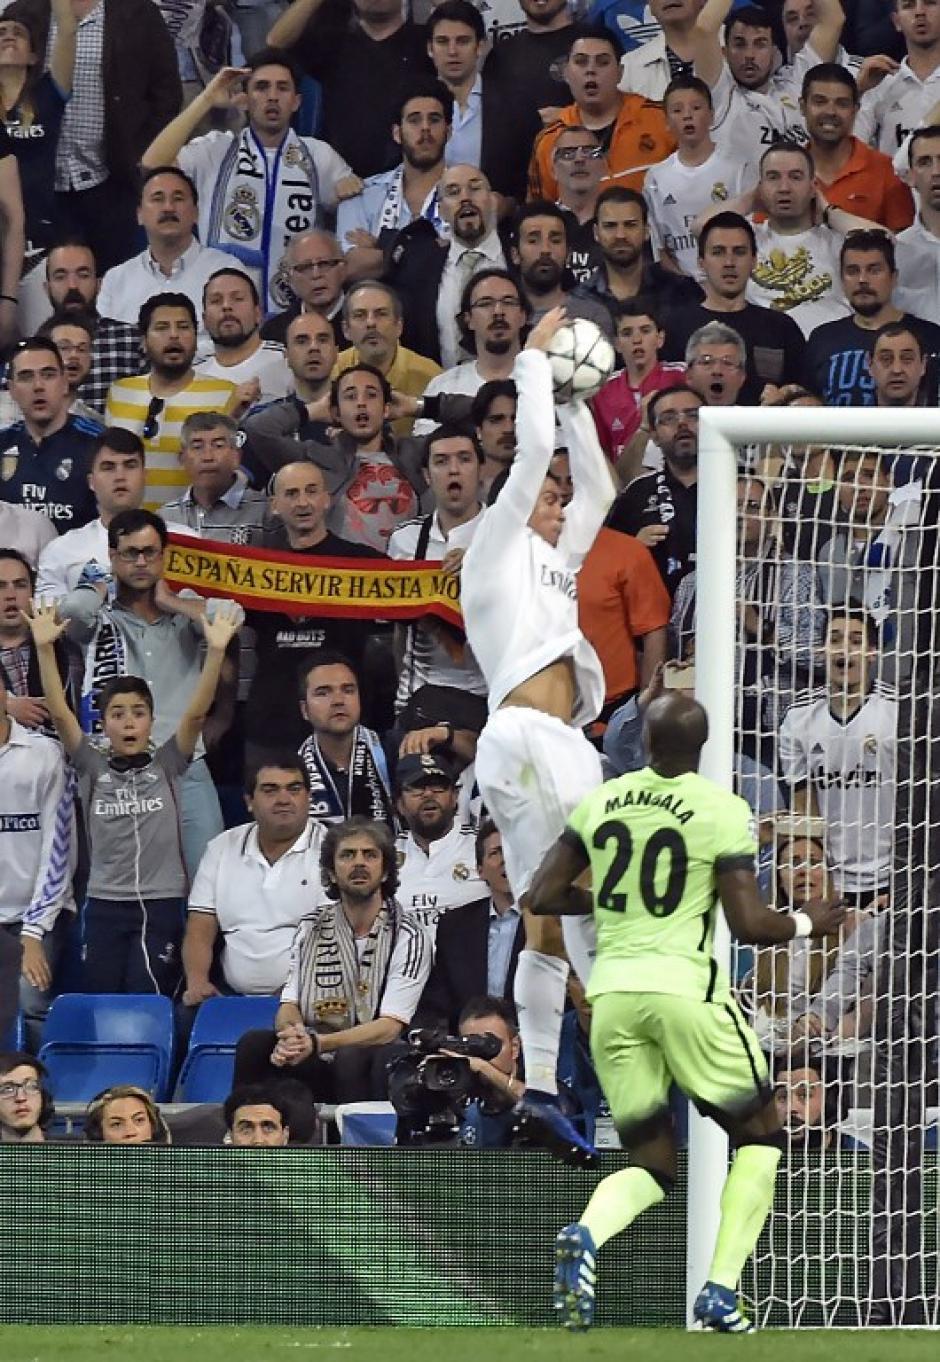 La polémica se desató pues pedían amarilla para el jugador merengue. (Foto: AFP)